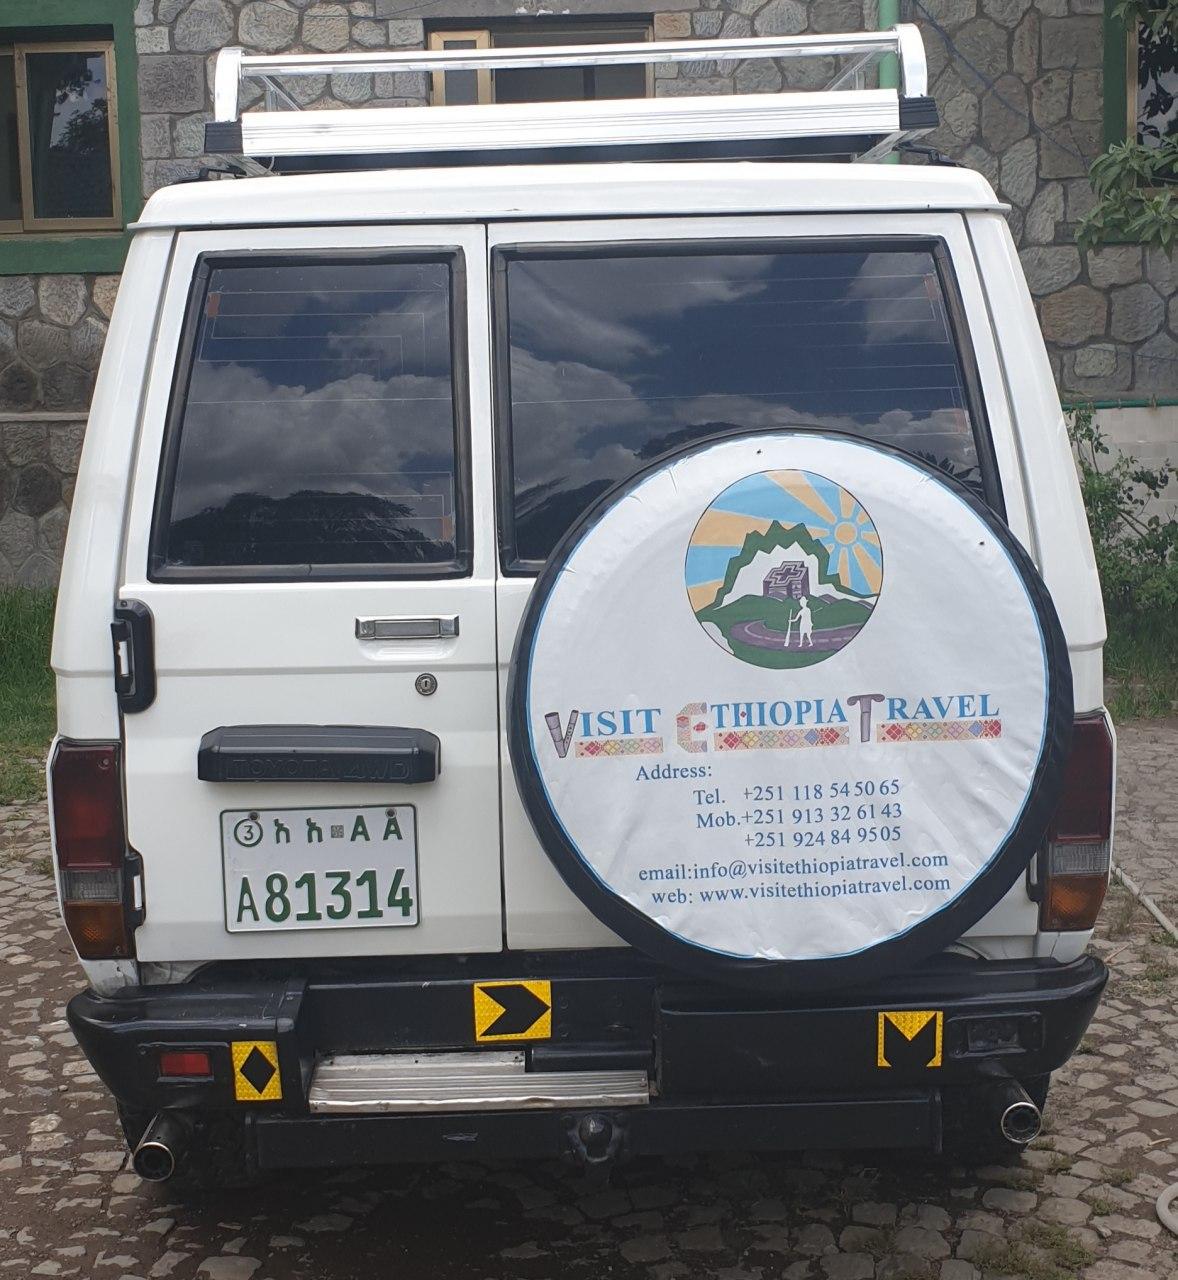 Visit ethiopia travel - best tour operators in ethiopia